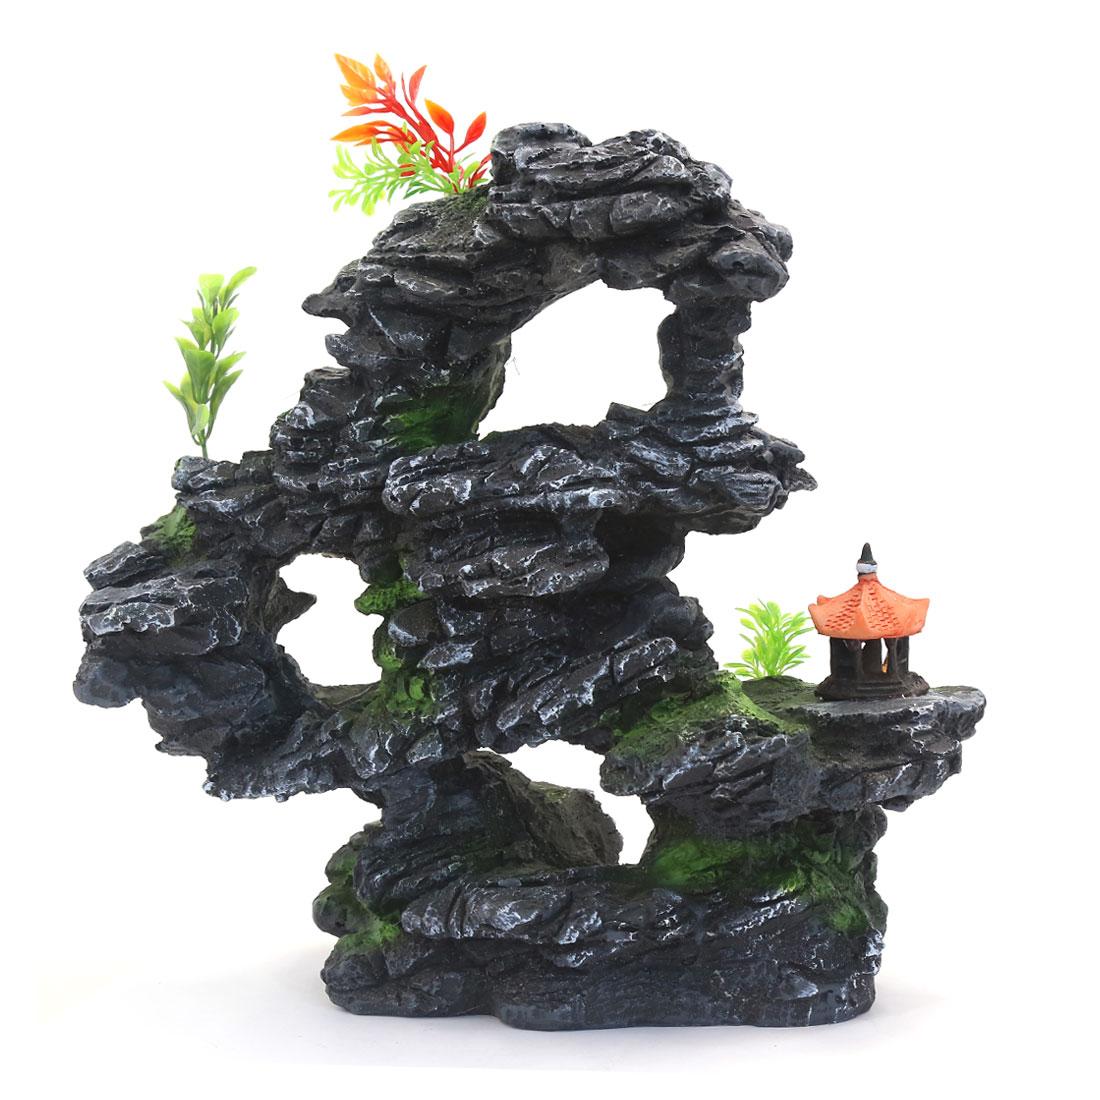 28x17x27cm Étang de jardin Décoration aquatique Colline de rocaille artificielle 2